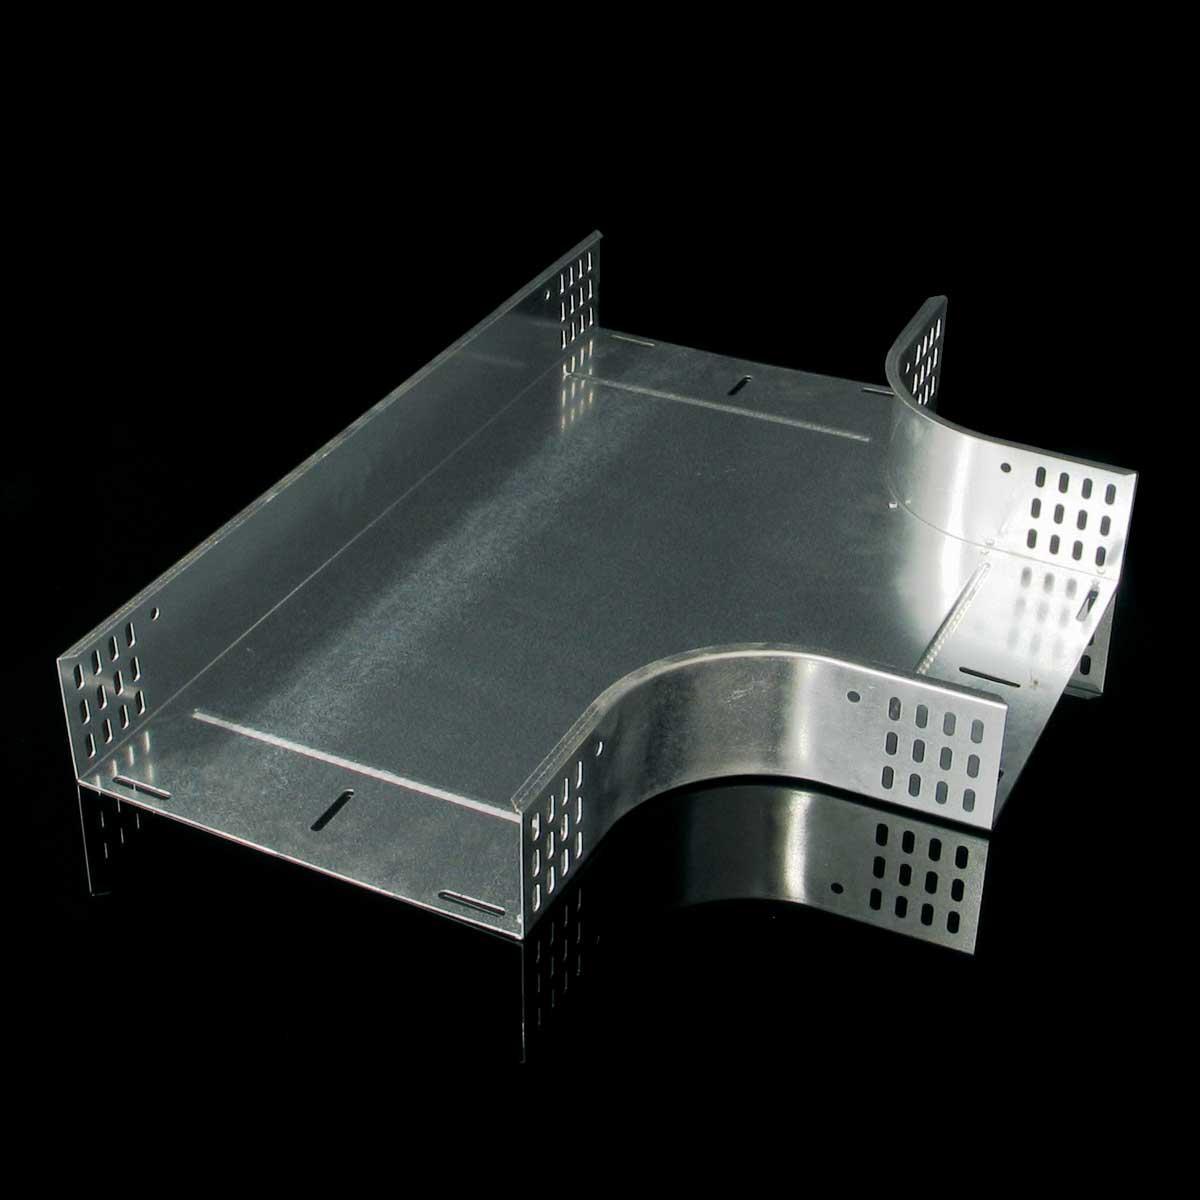 Відгалужувач горизонтальний Т-подібний JUPITER; розміри-85x600x800mm Товщ. метал-1,2 Вага-8,9кг/м